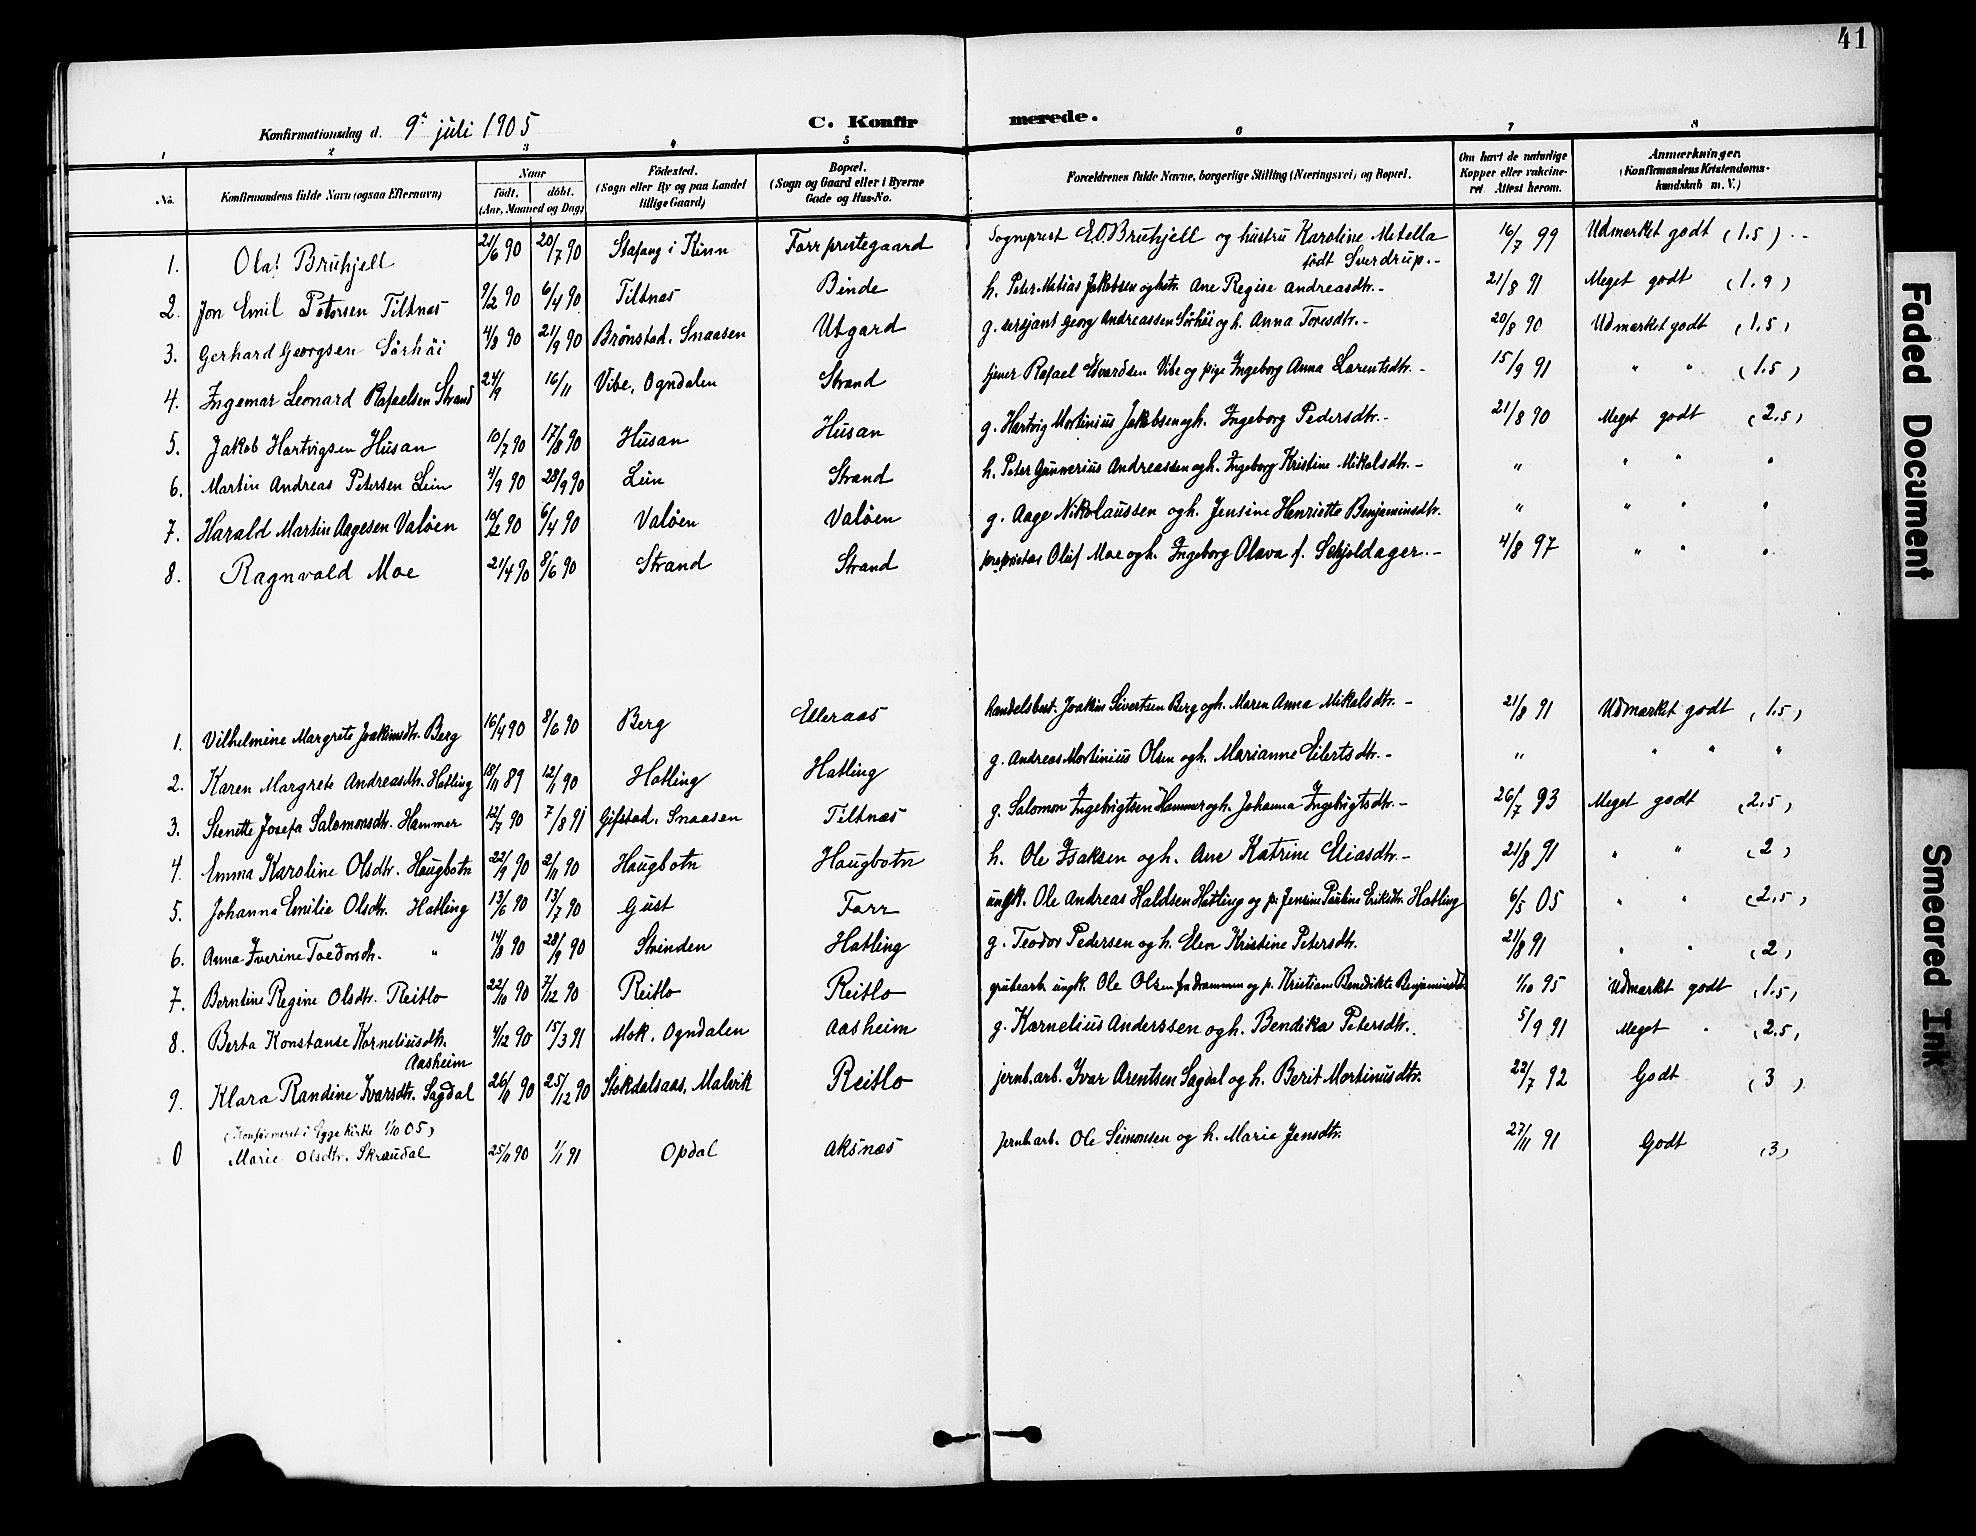 SAT, Ministerialprotokoller, klokkerbøker og fødselsregistre - Nord-Trøndelag, 746/L0452: Ministerialbok nr. 746A09, 1900-1908, s. 41